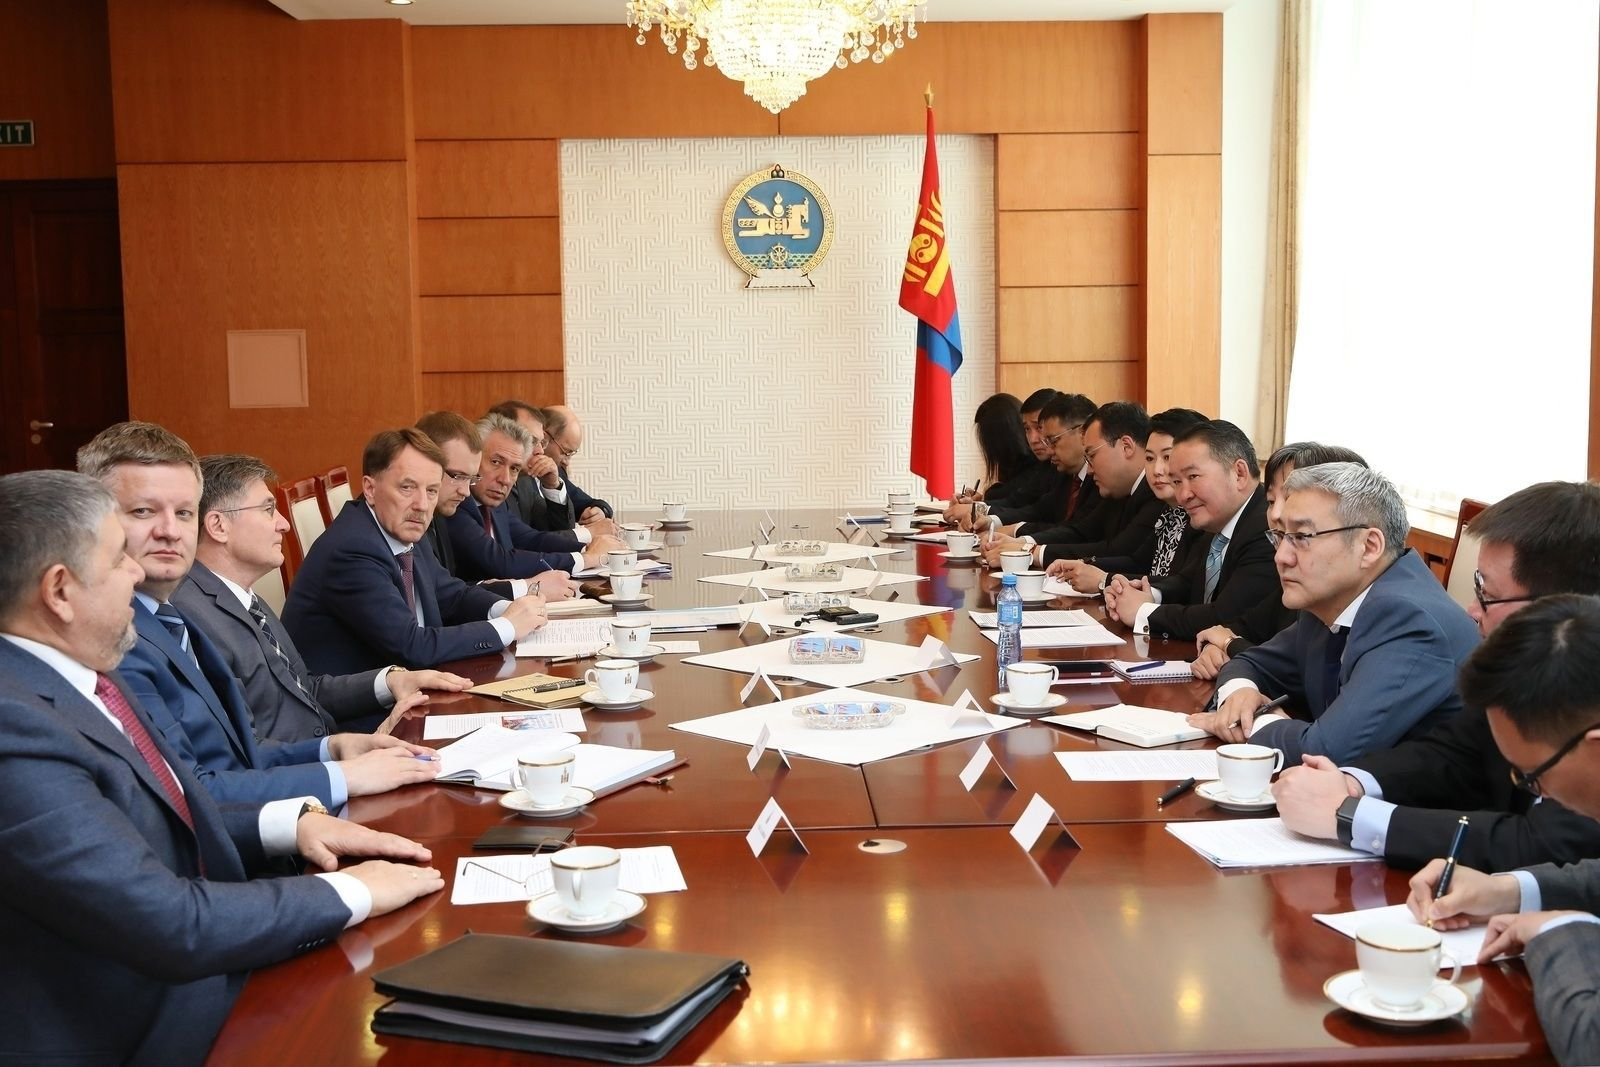 9622f8_open-uri20190529-21813-13kvu3c_x974 ОХУ-аас Монгол Улсад 100 тэрбум рублийн зээл олгох зарчмын шийдвэр гаргажээ